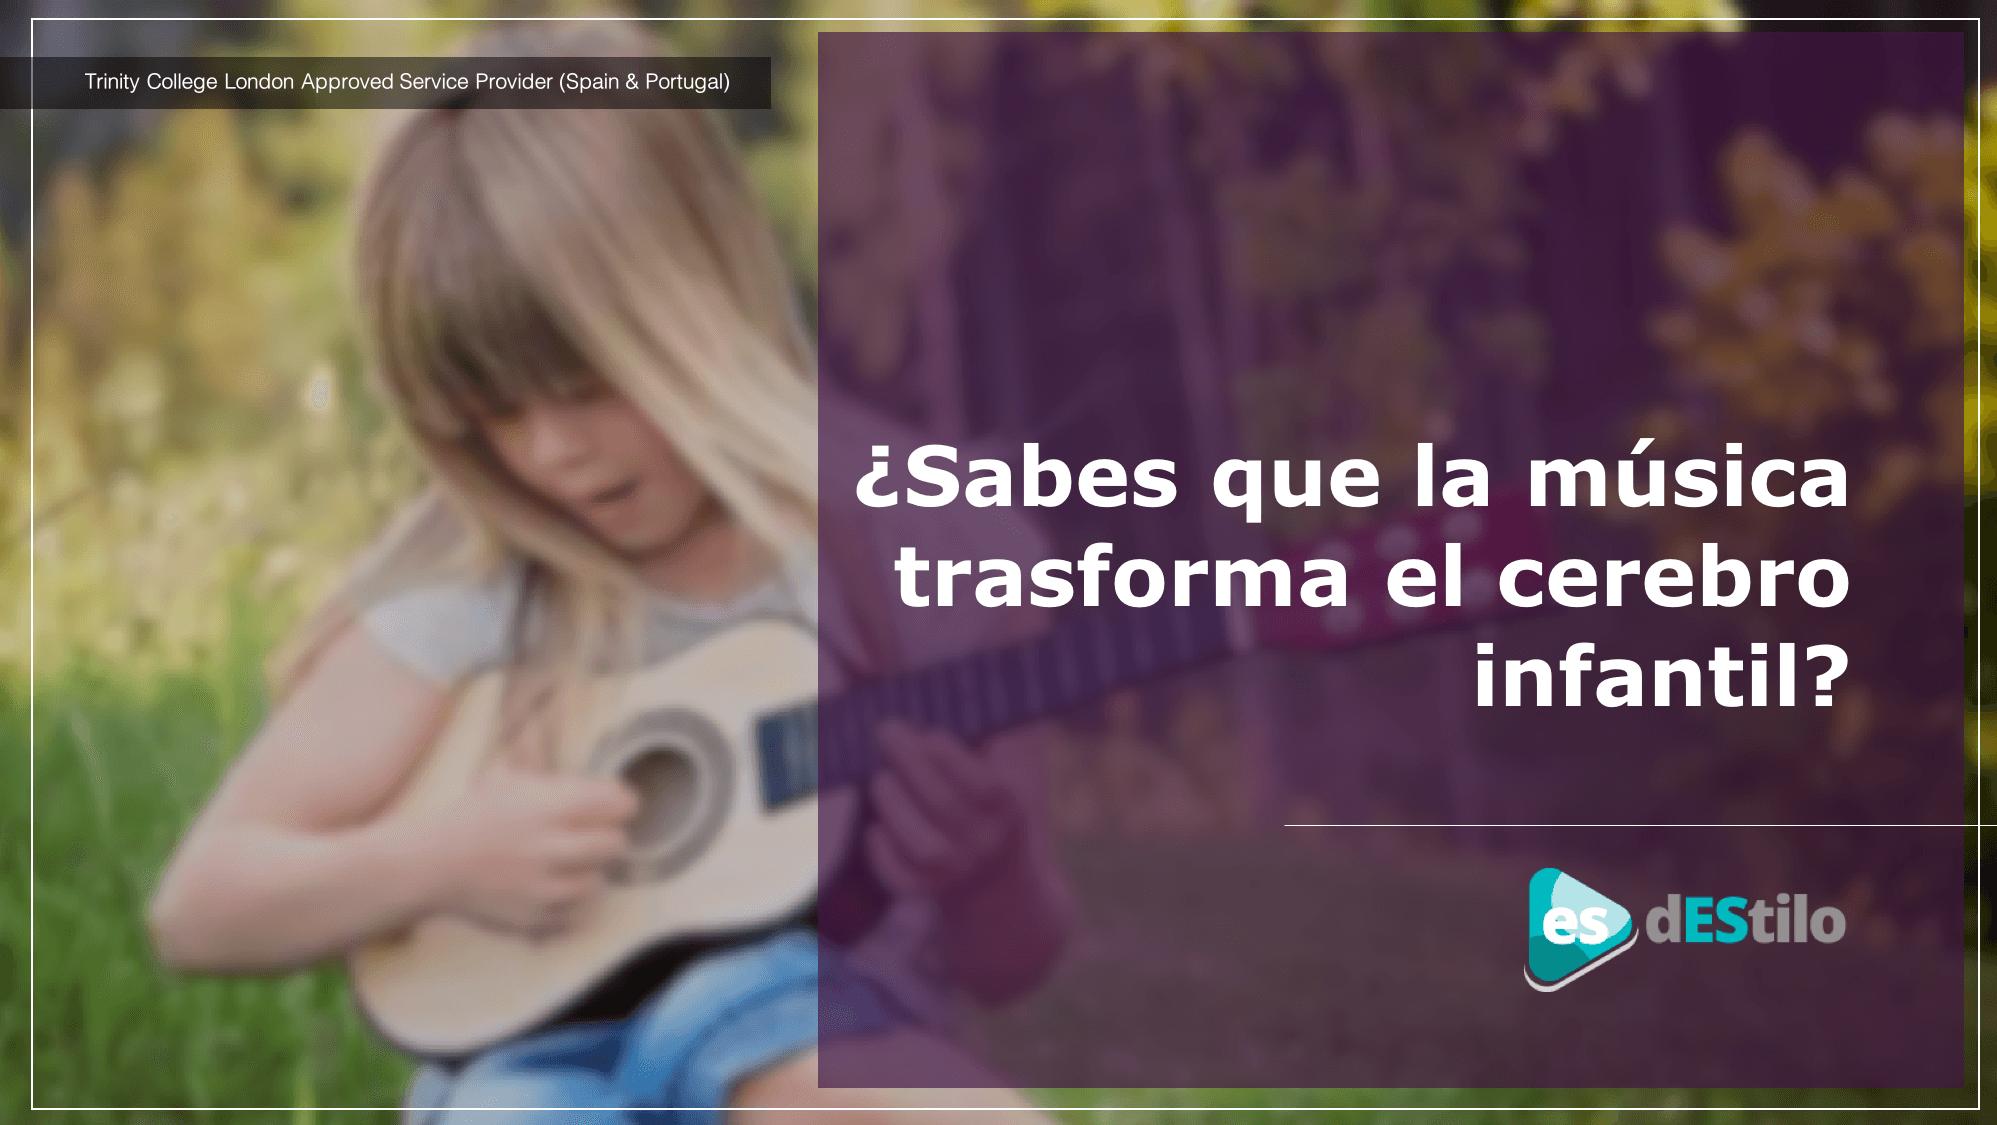 ¿Sabes que la música trasforma el cerebro infantil?